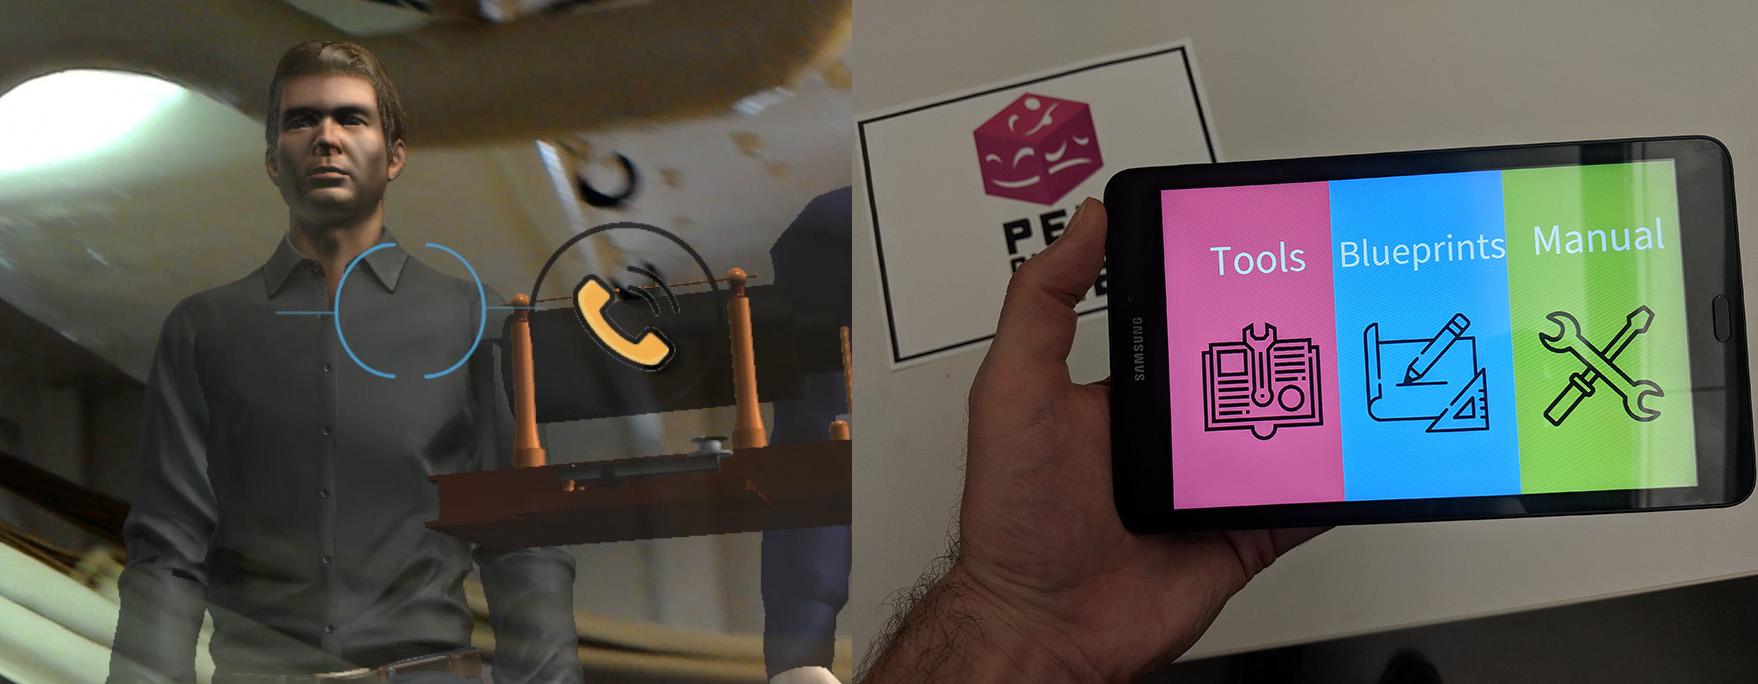 ScuttlebuddyARandAppScreenshots.jpg